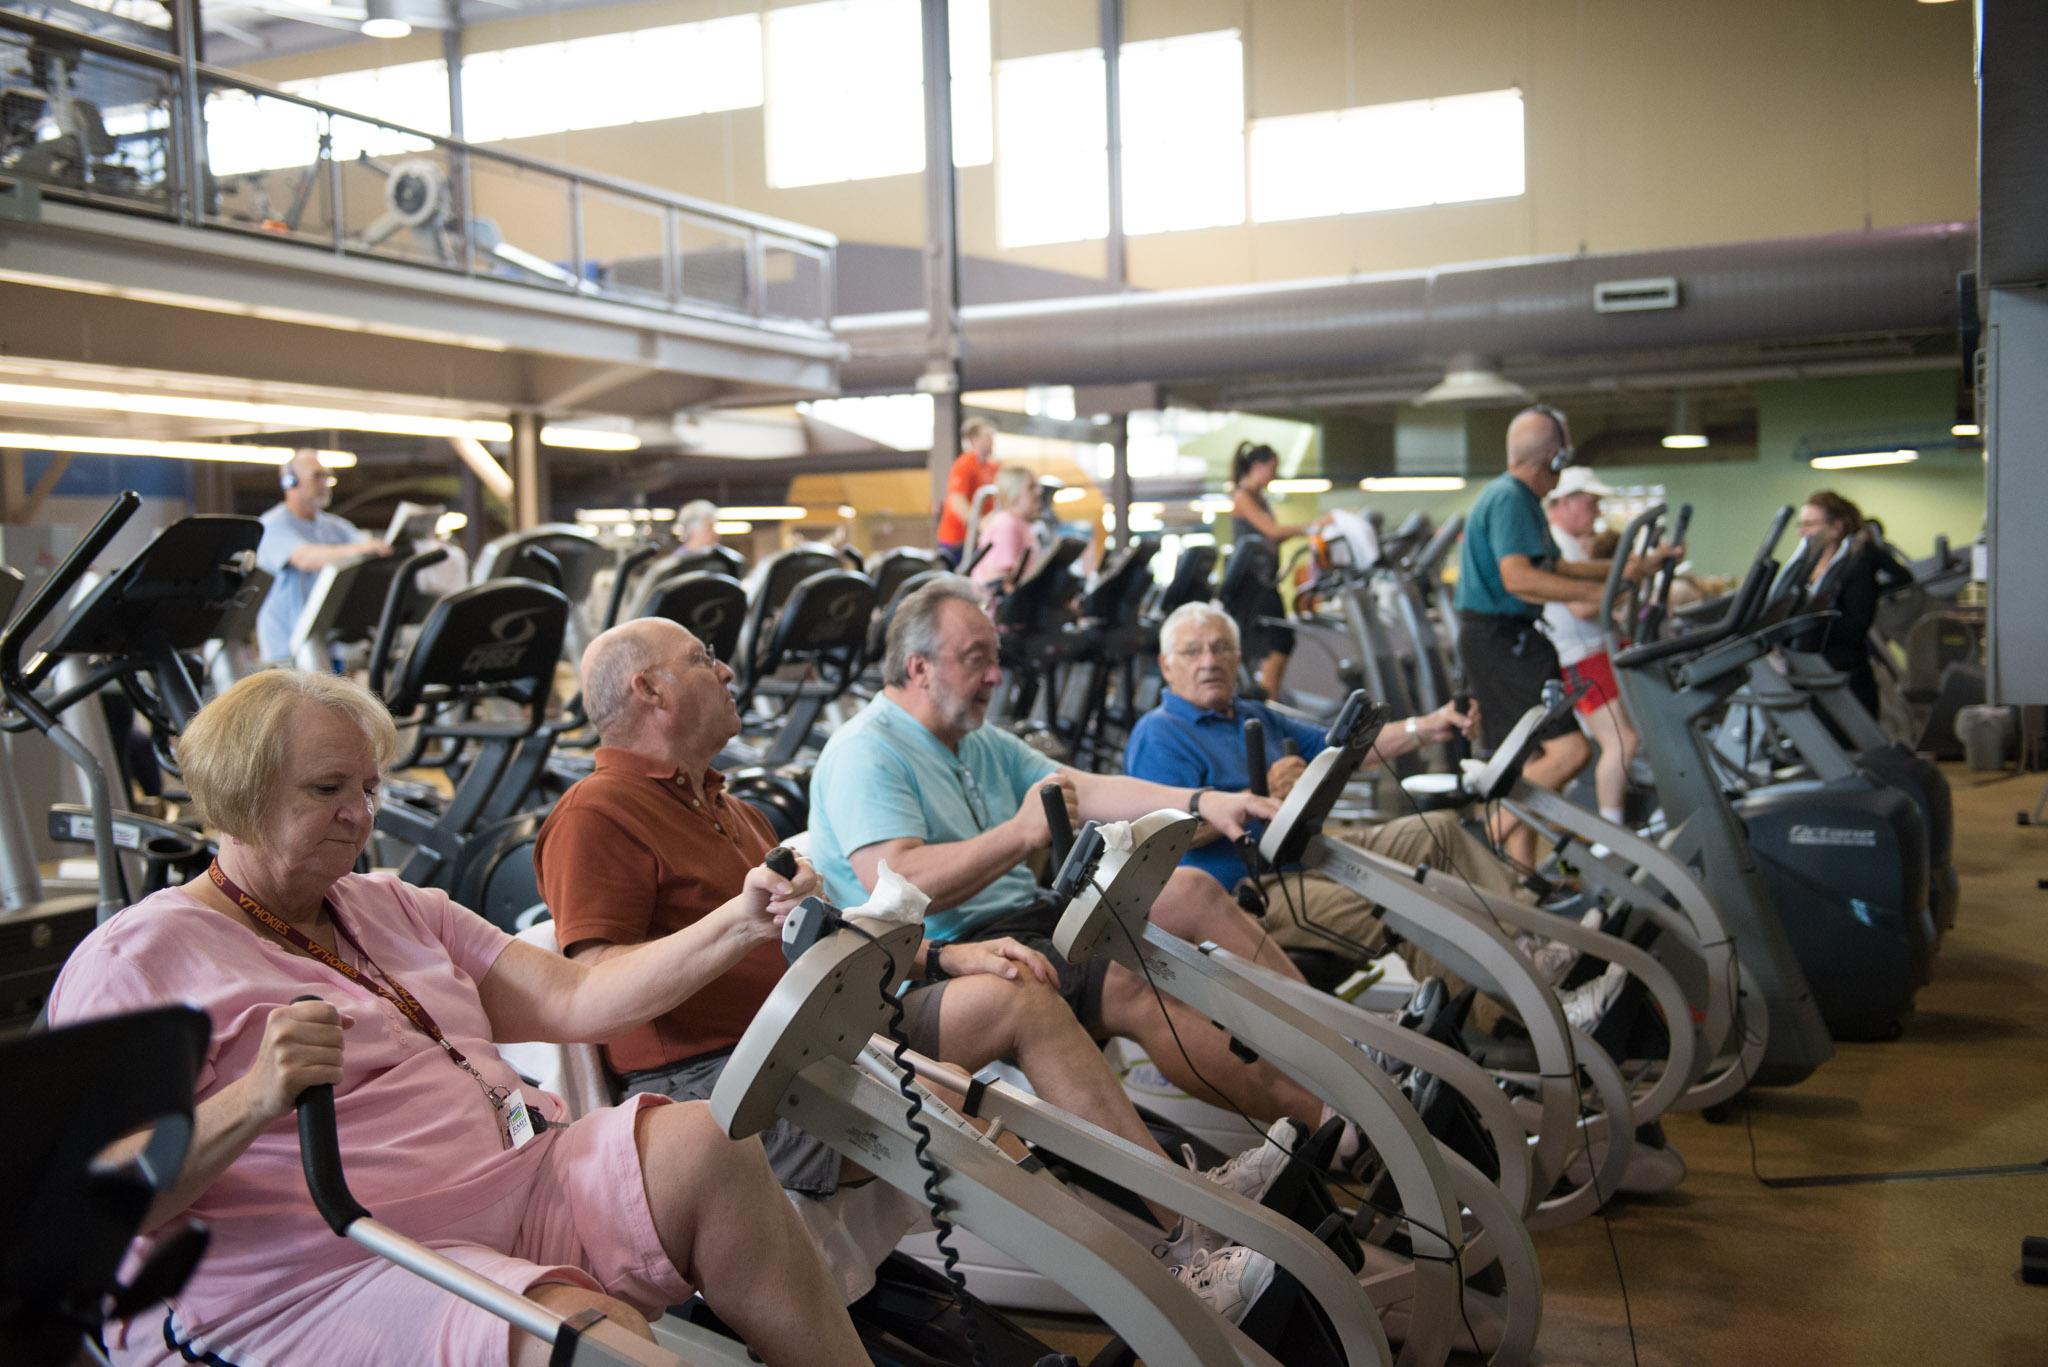 Wellness Center Stock Photos-1384.jpg